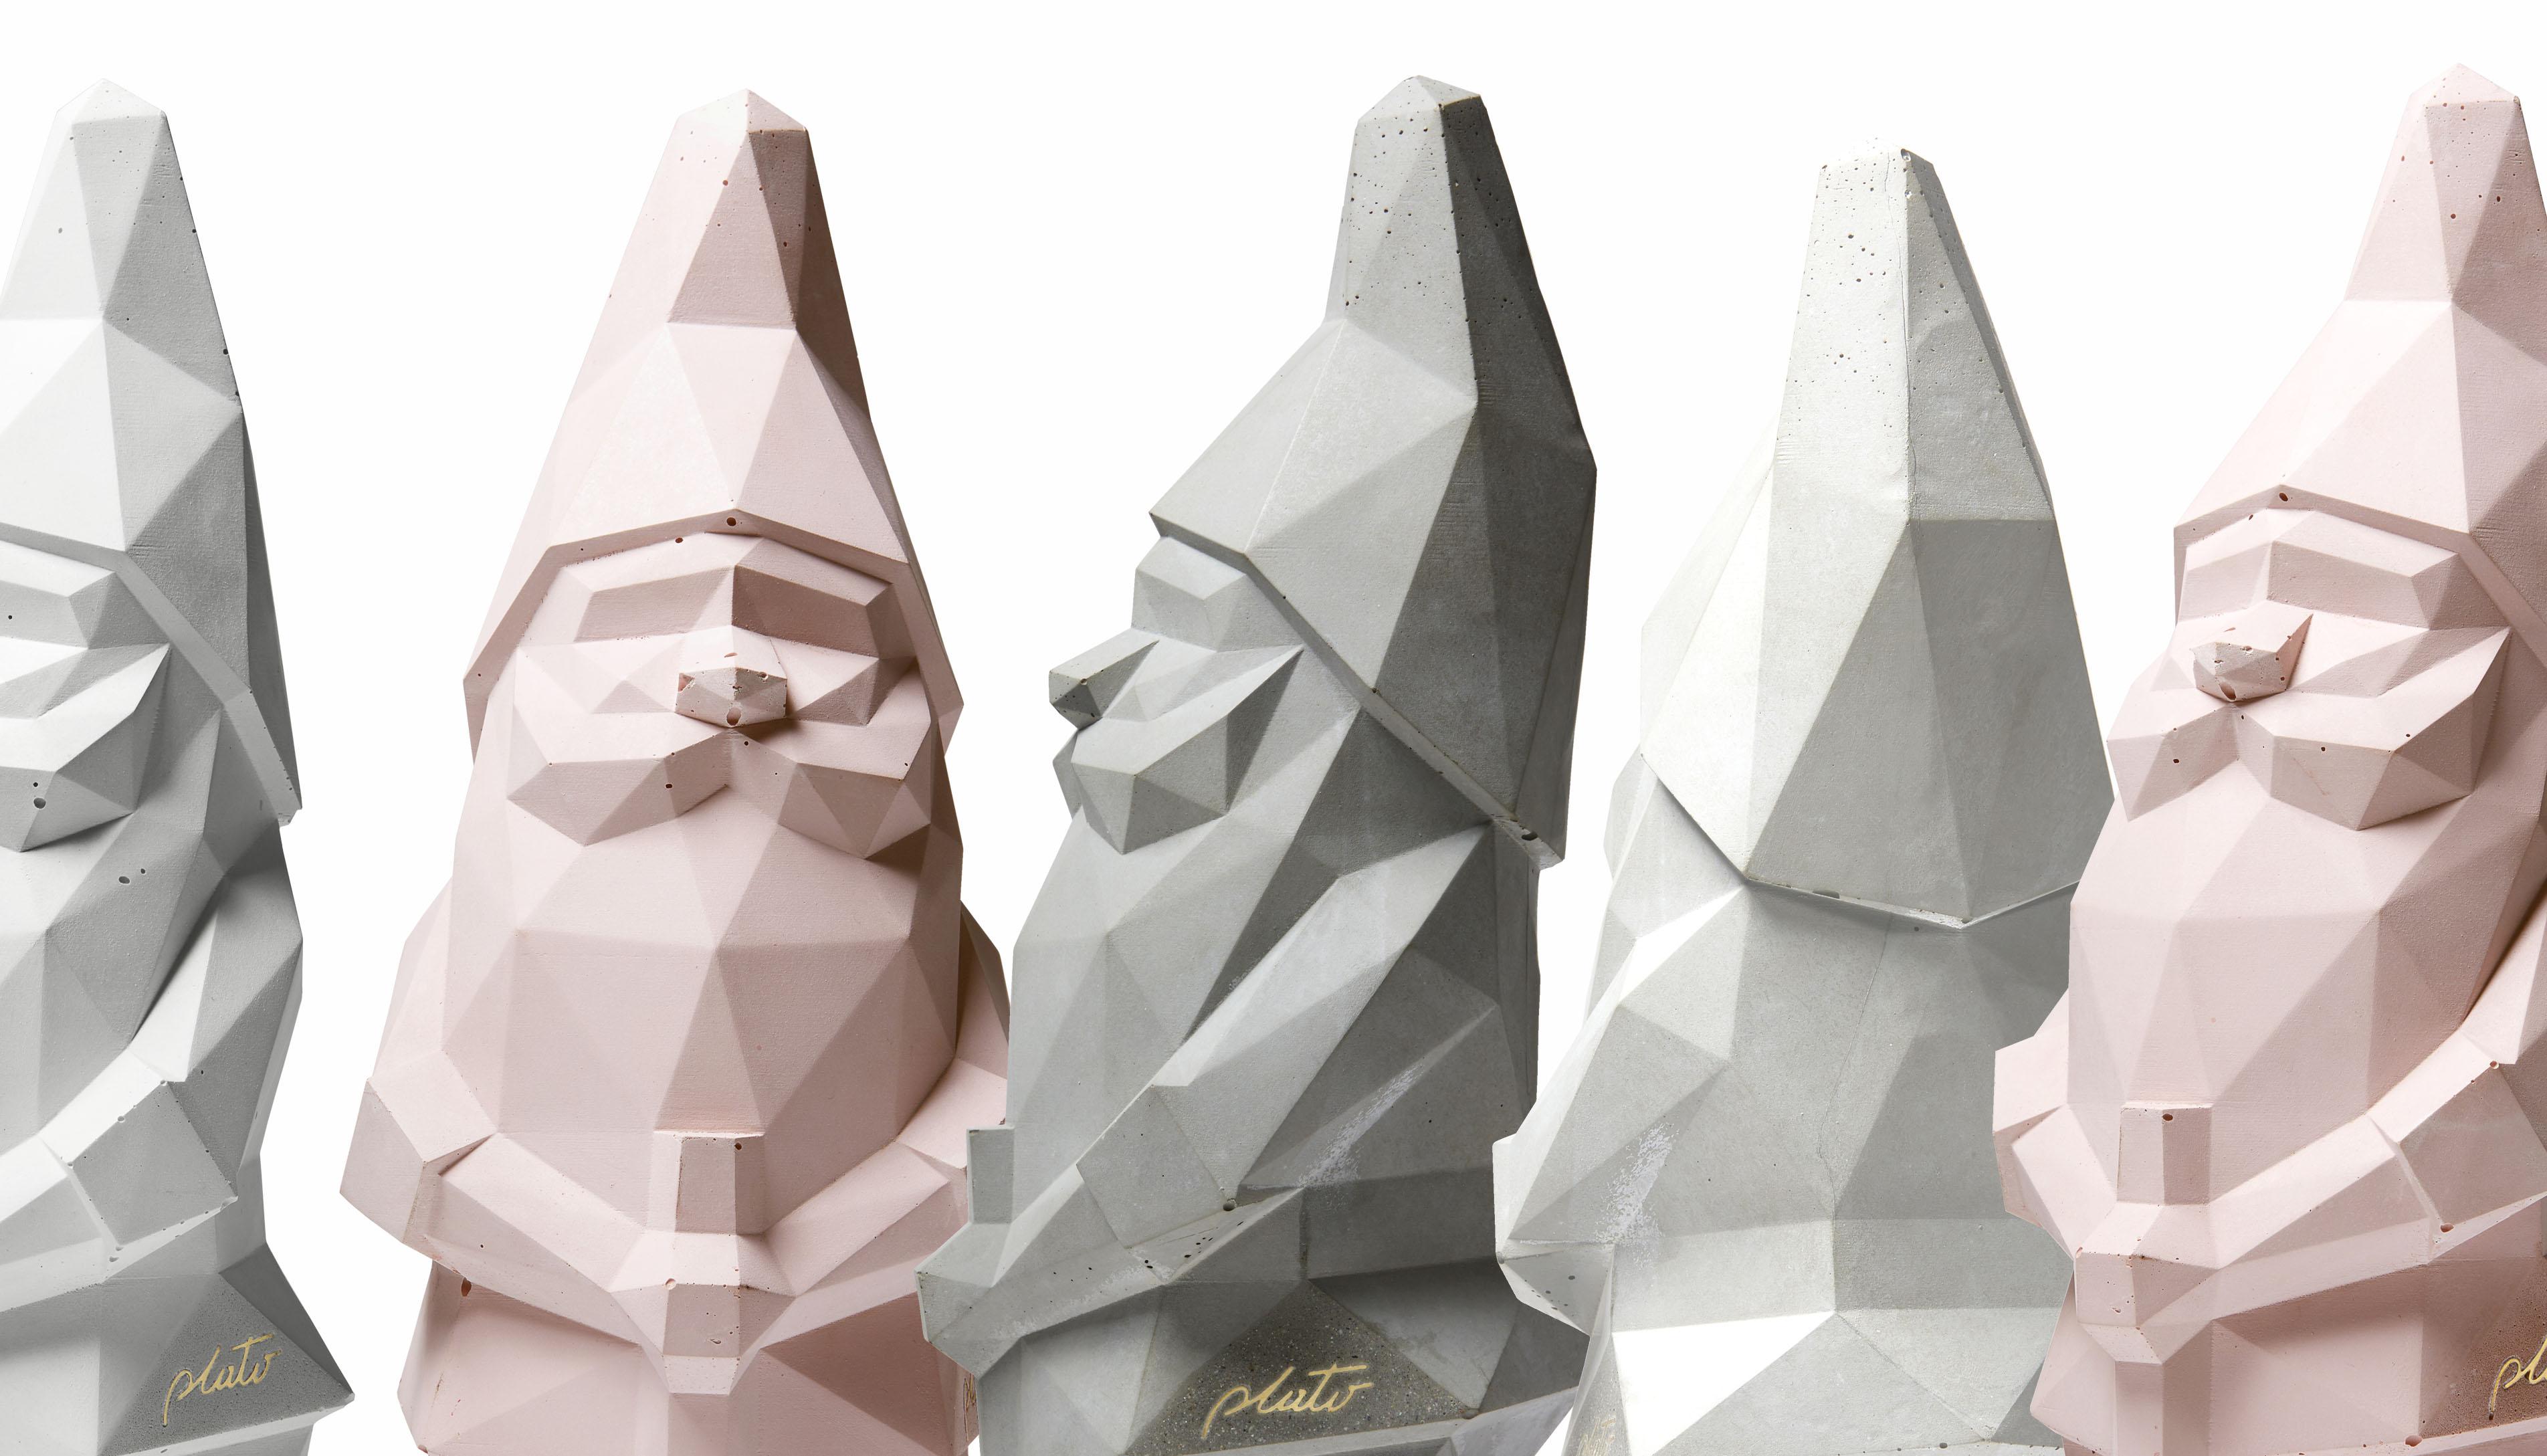 Plato Design_sculture in cemento che reinterpretano icone classiche della nsotra infanzia